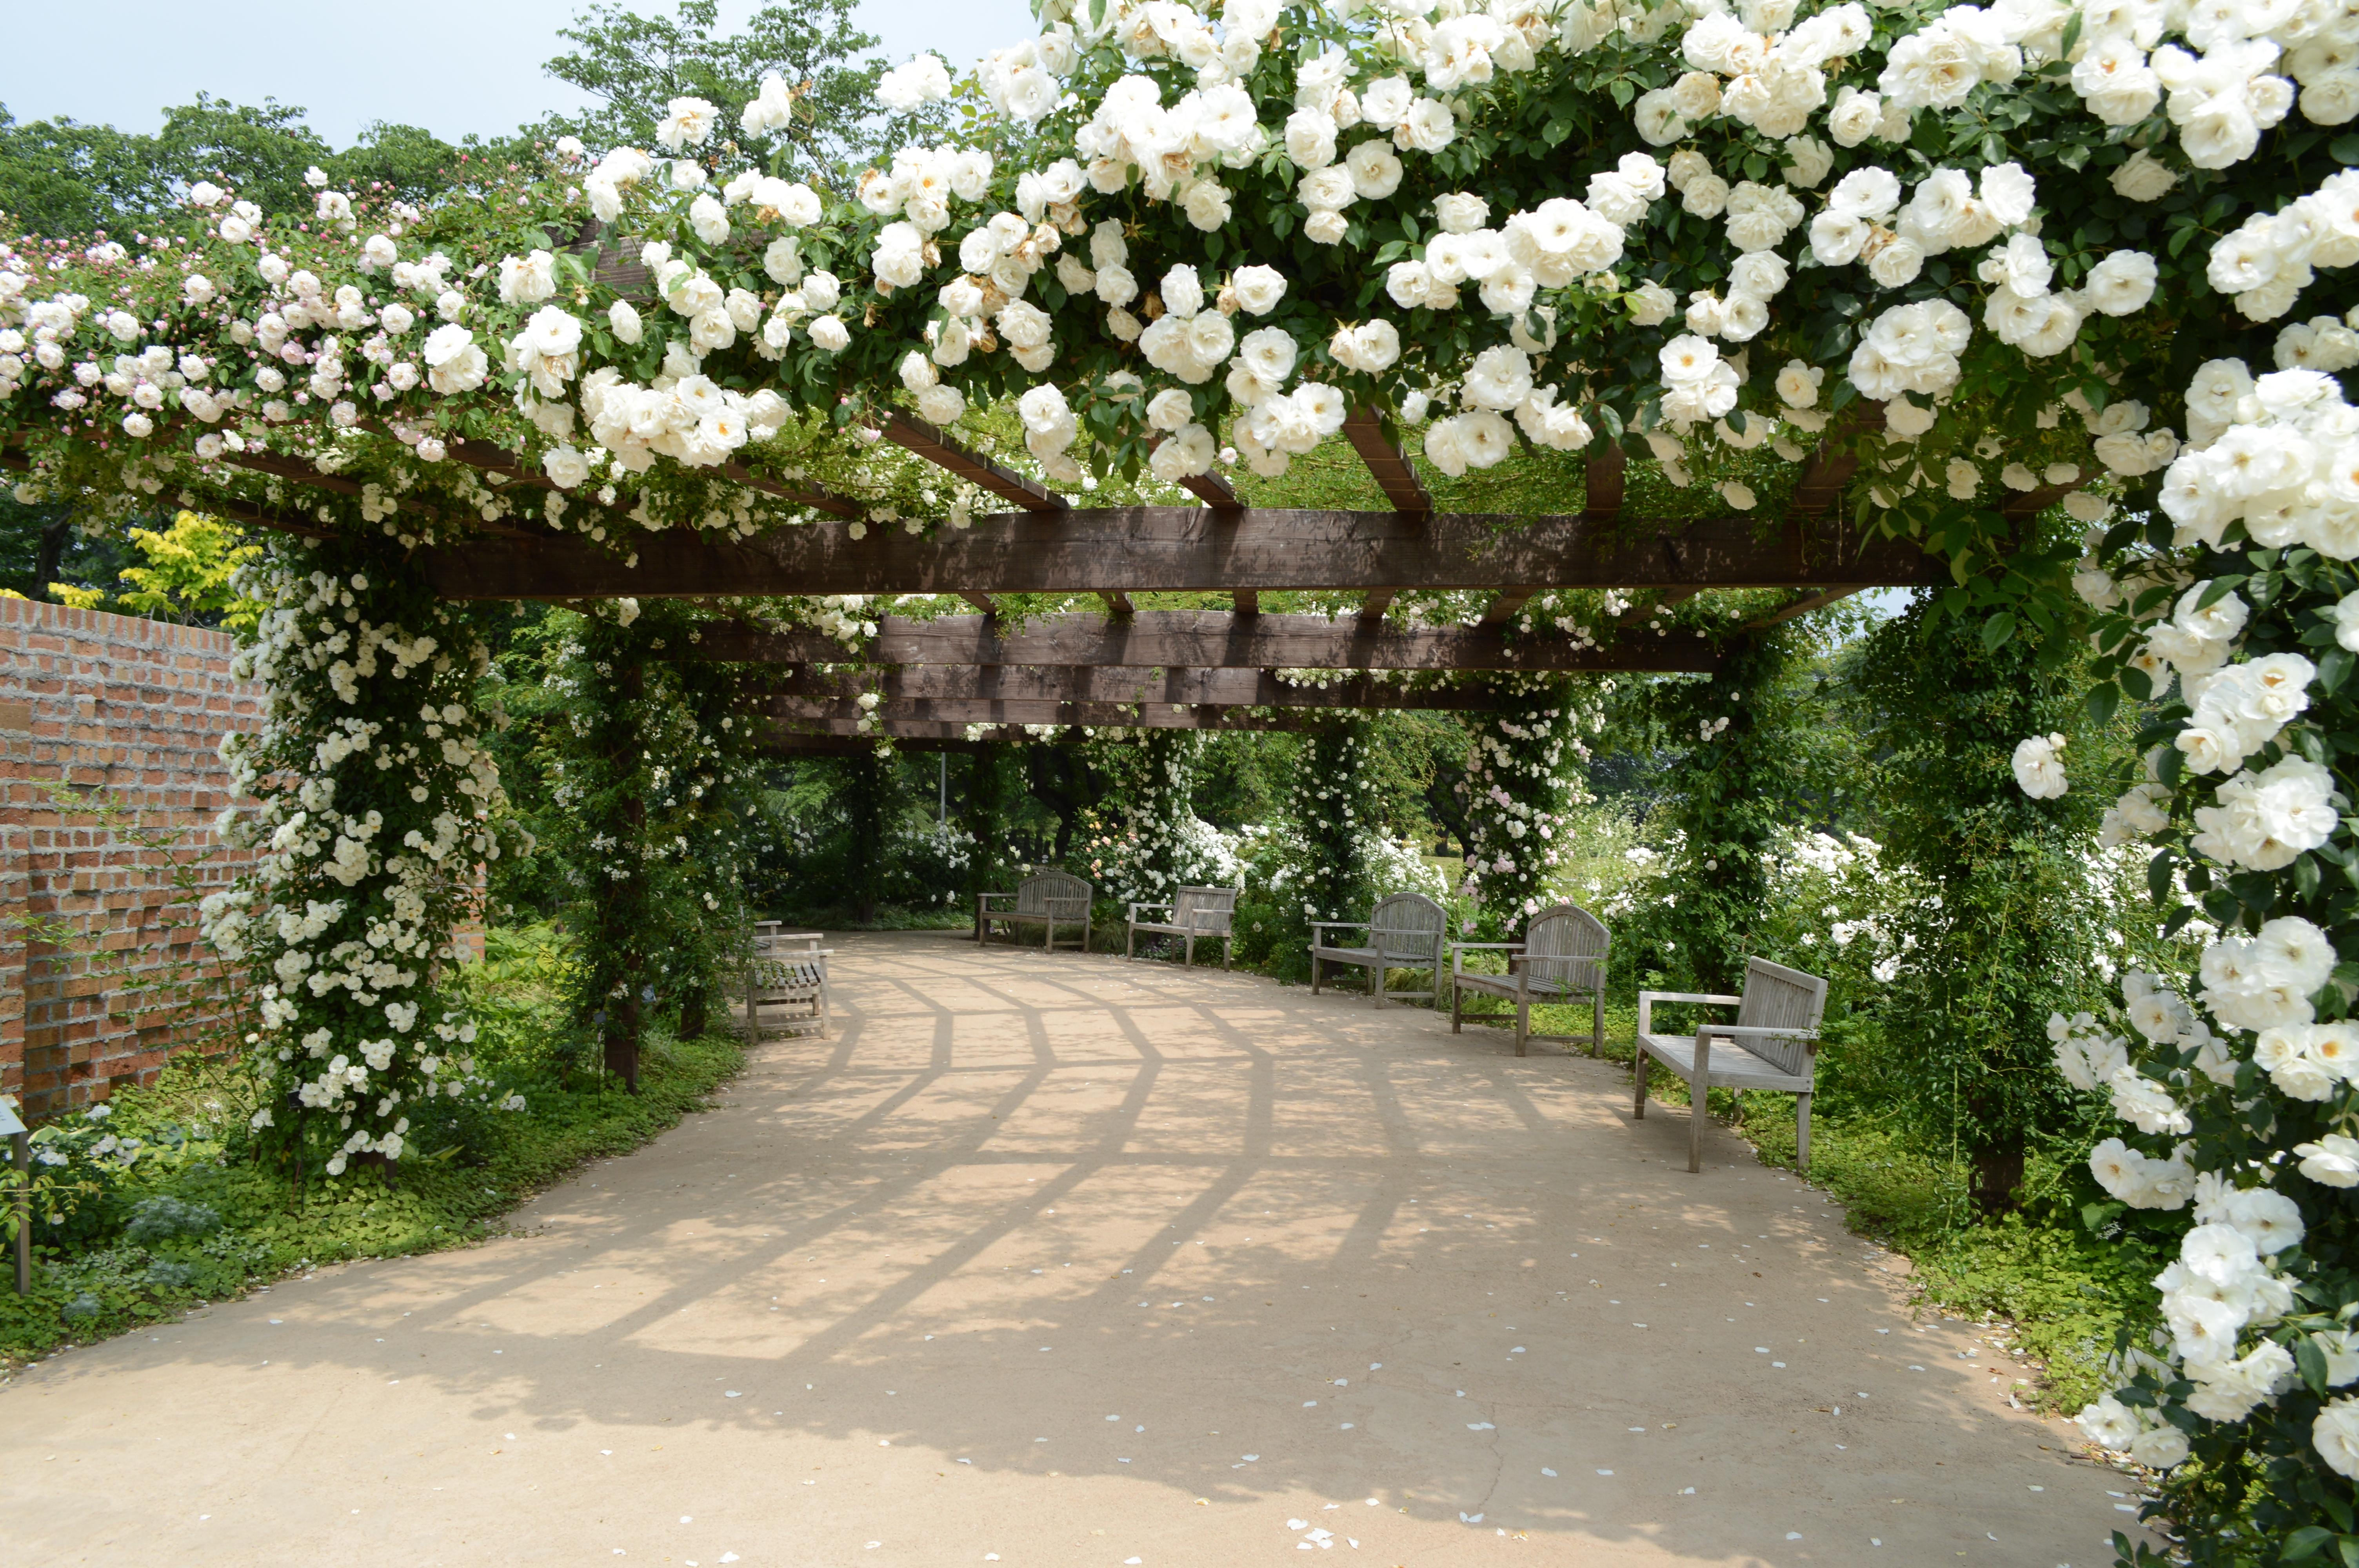 バラの天蓋。初夏の日差しと白いバラの花がさわやかです。